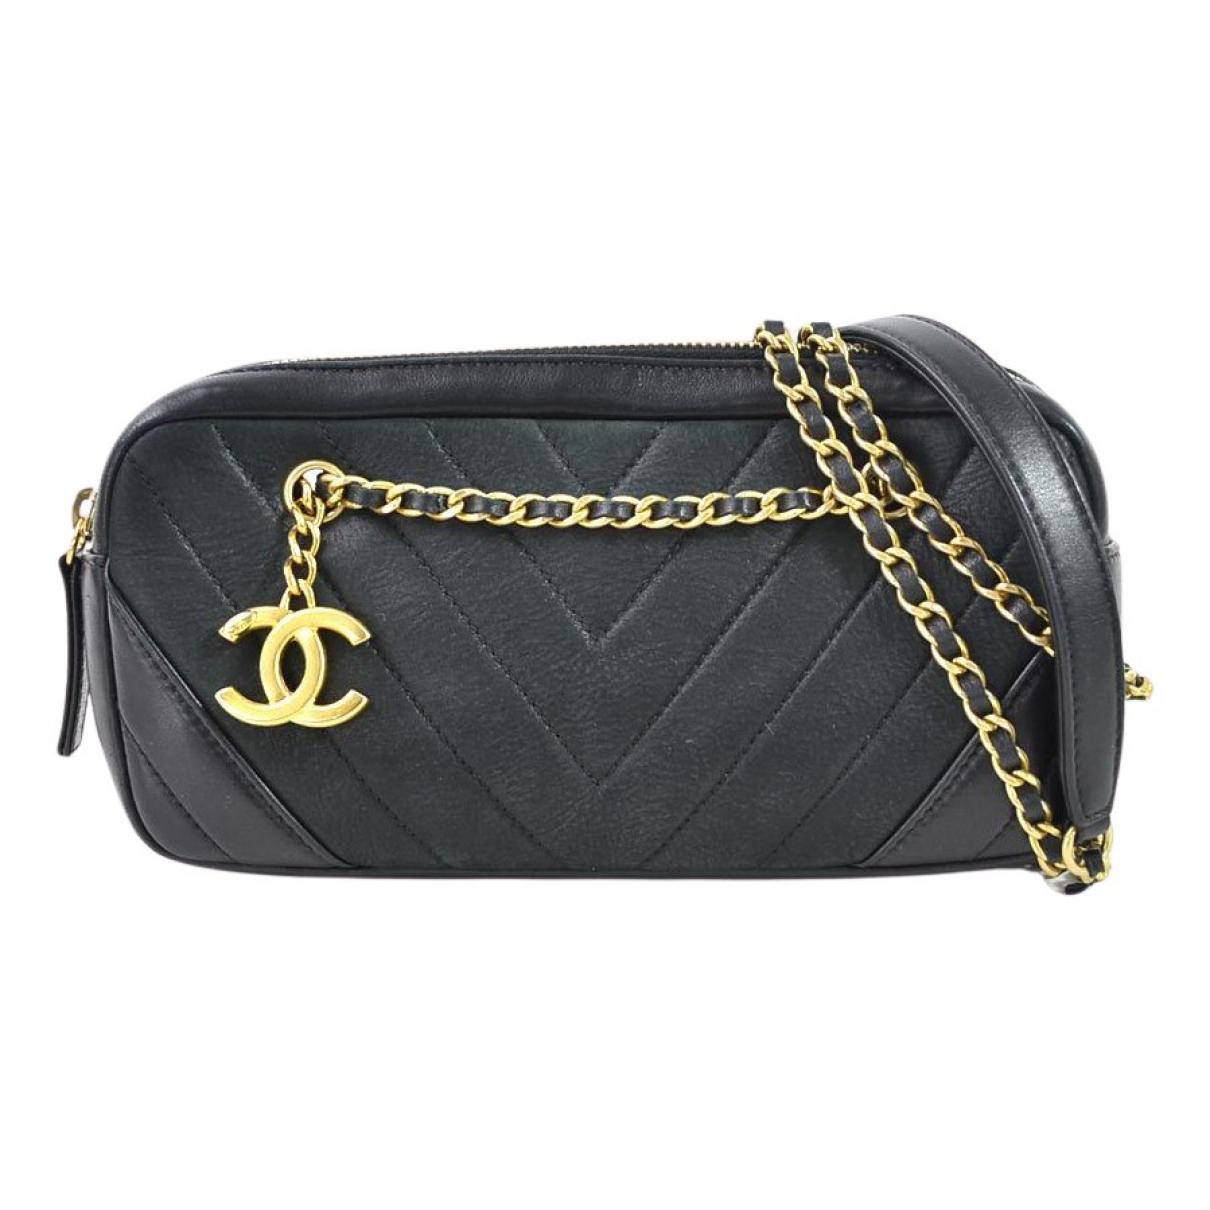 Bandolera de Cuero Chanel